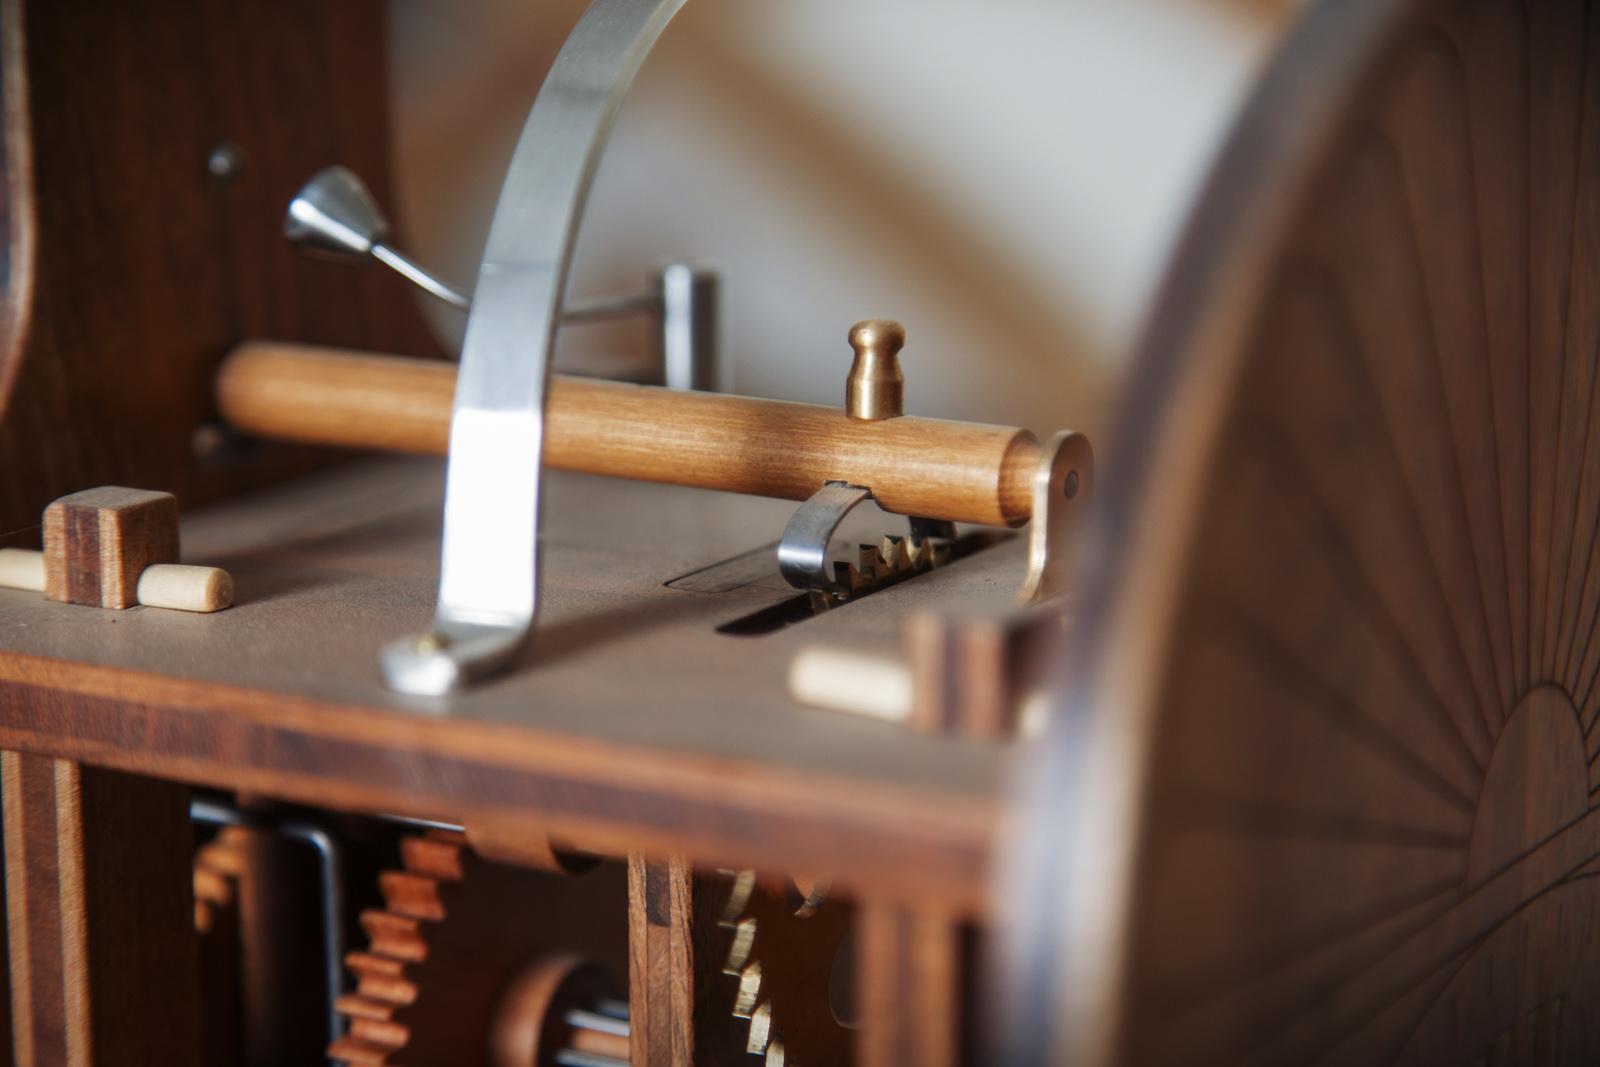 legno e acciao nell'orologio